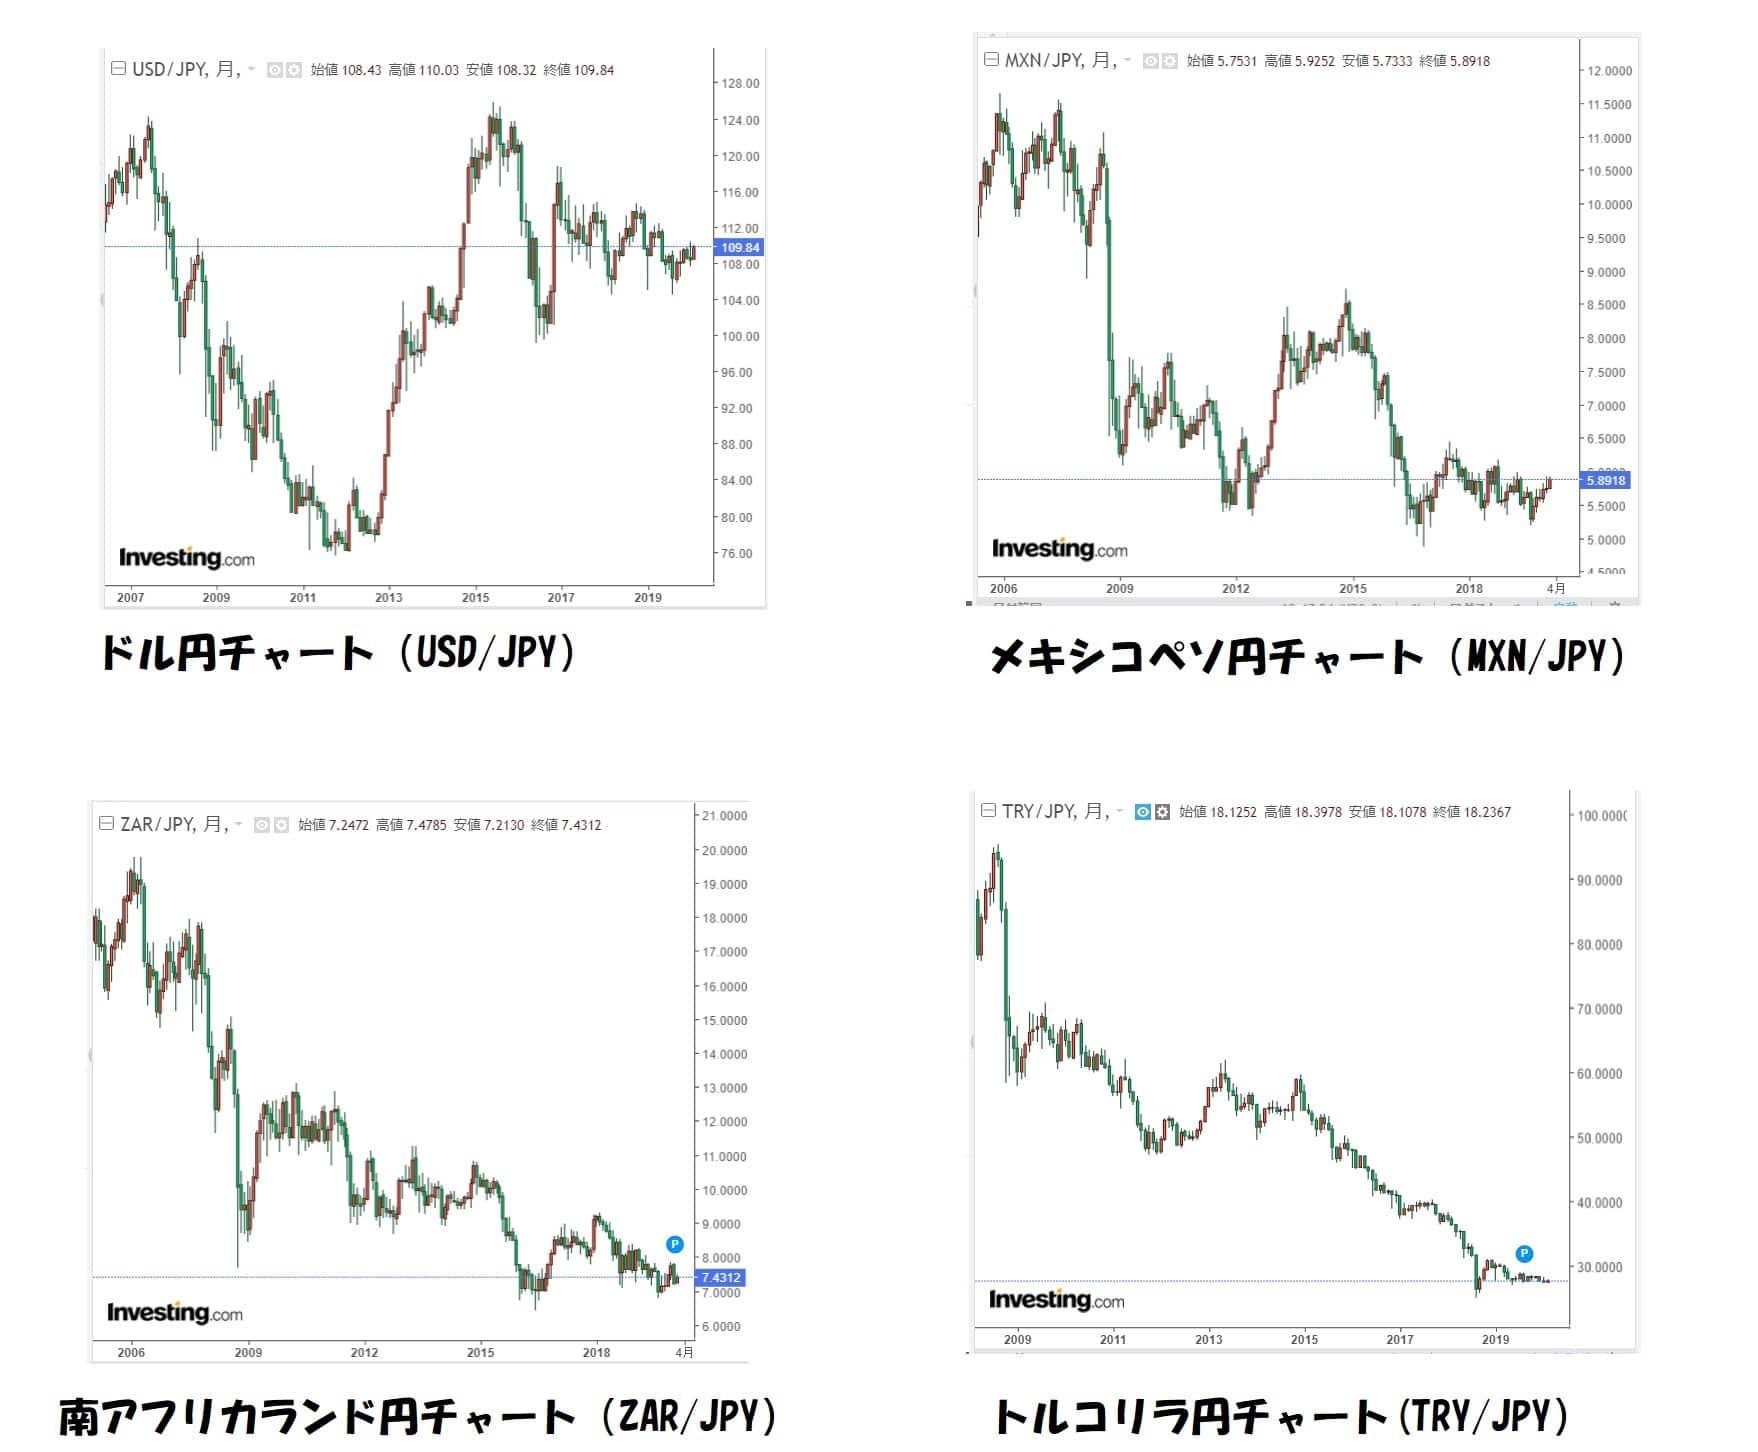 ドル、ペソ、リラ、ランド比較検証